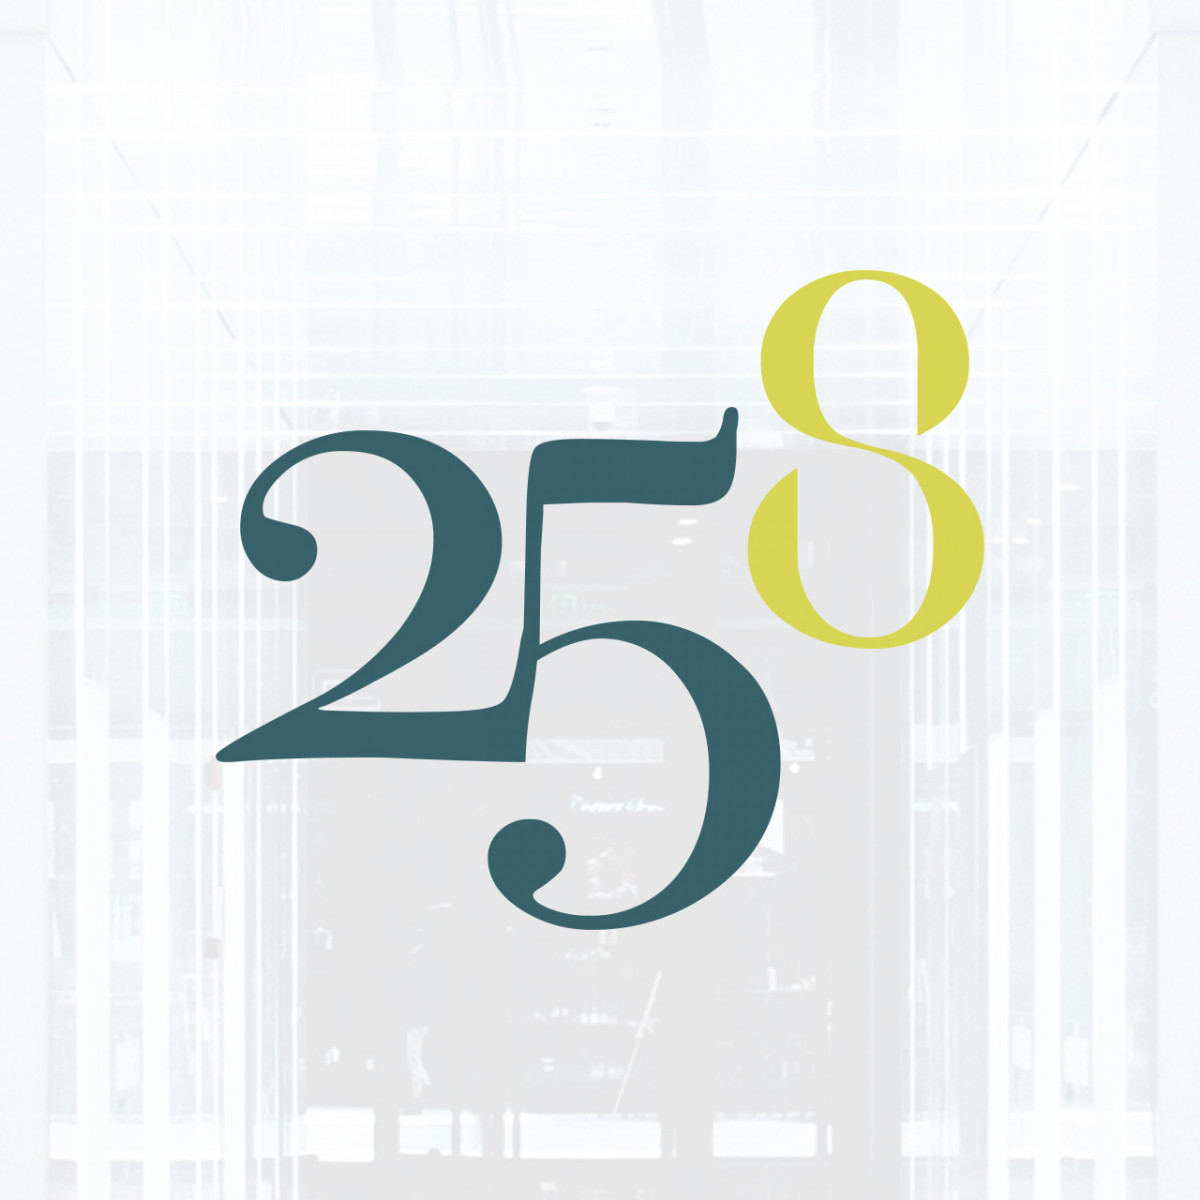 (c) 25-8.eu